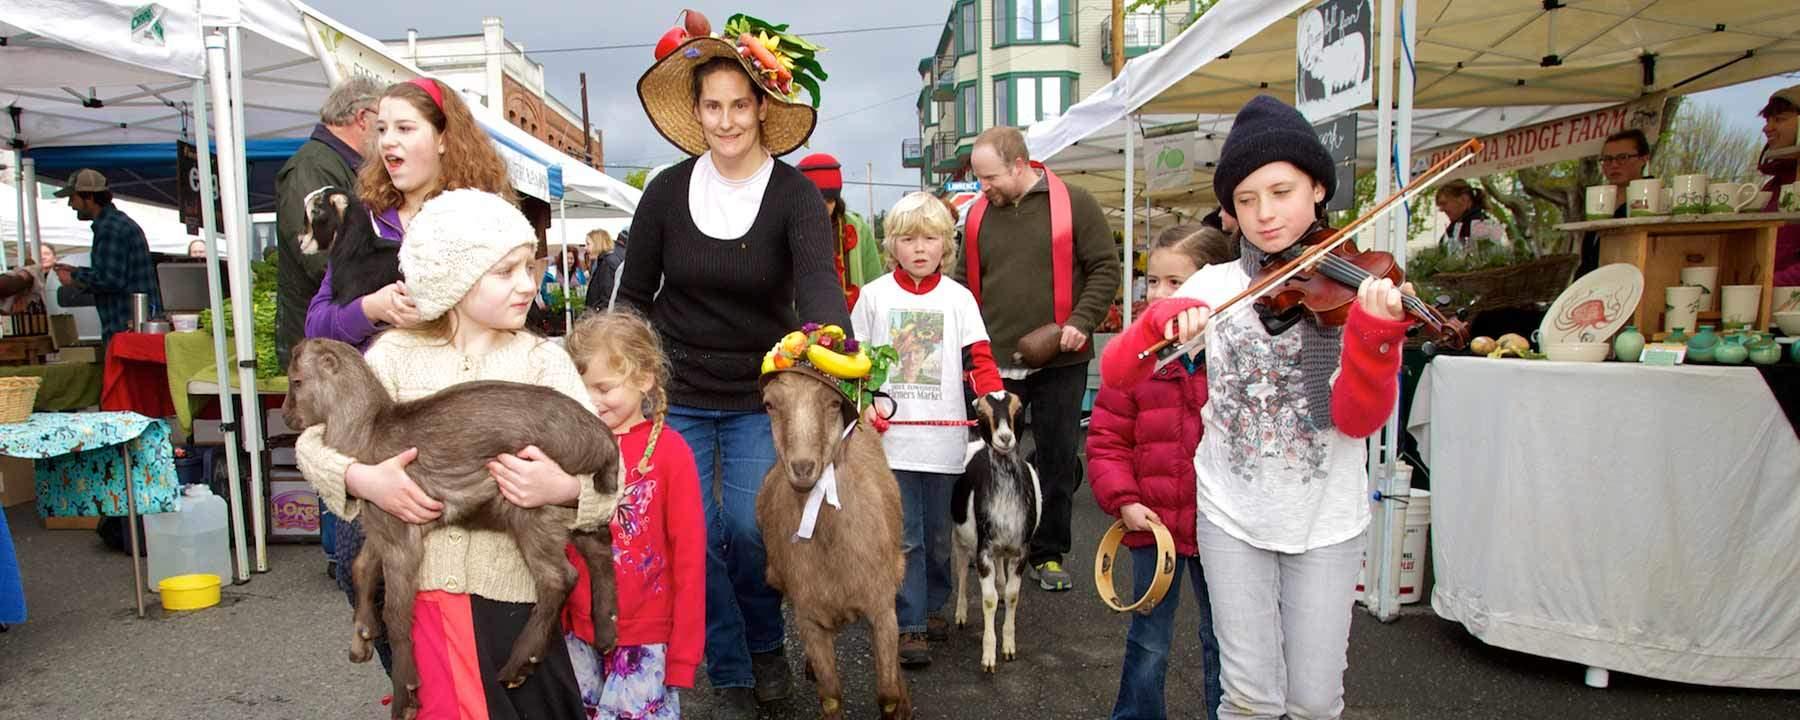 goats-farmers-market-by-steve-mullensky